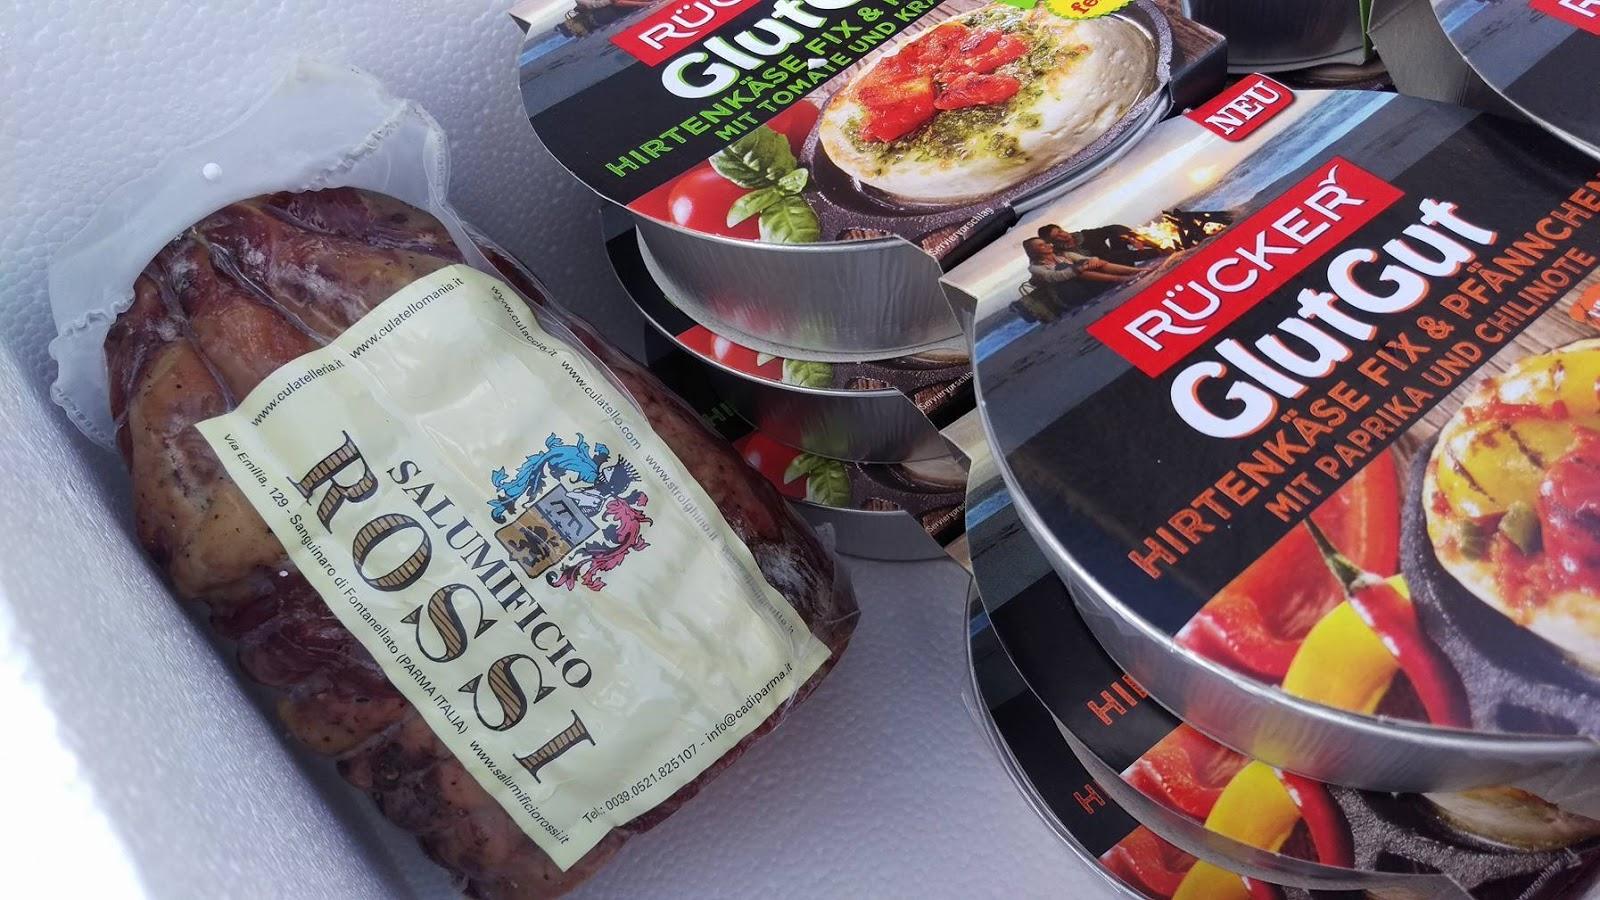 kessi´s test blog: rücker grillkäse